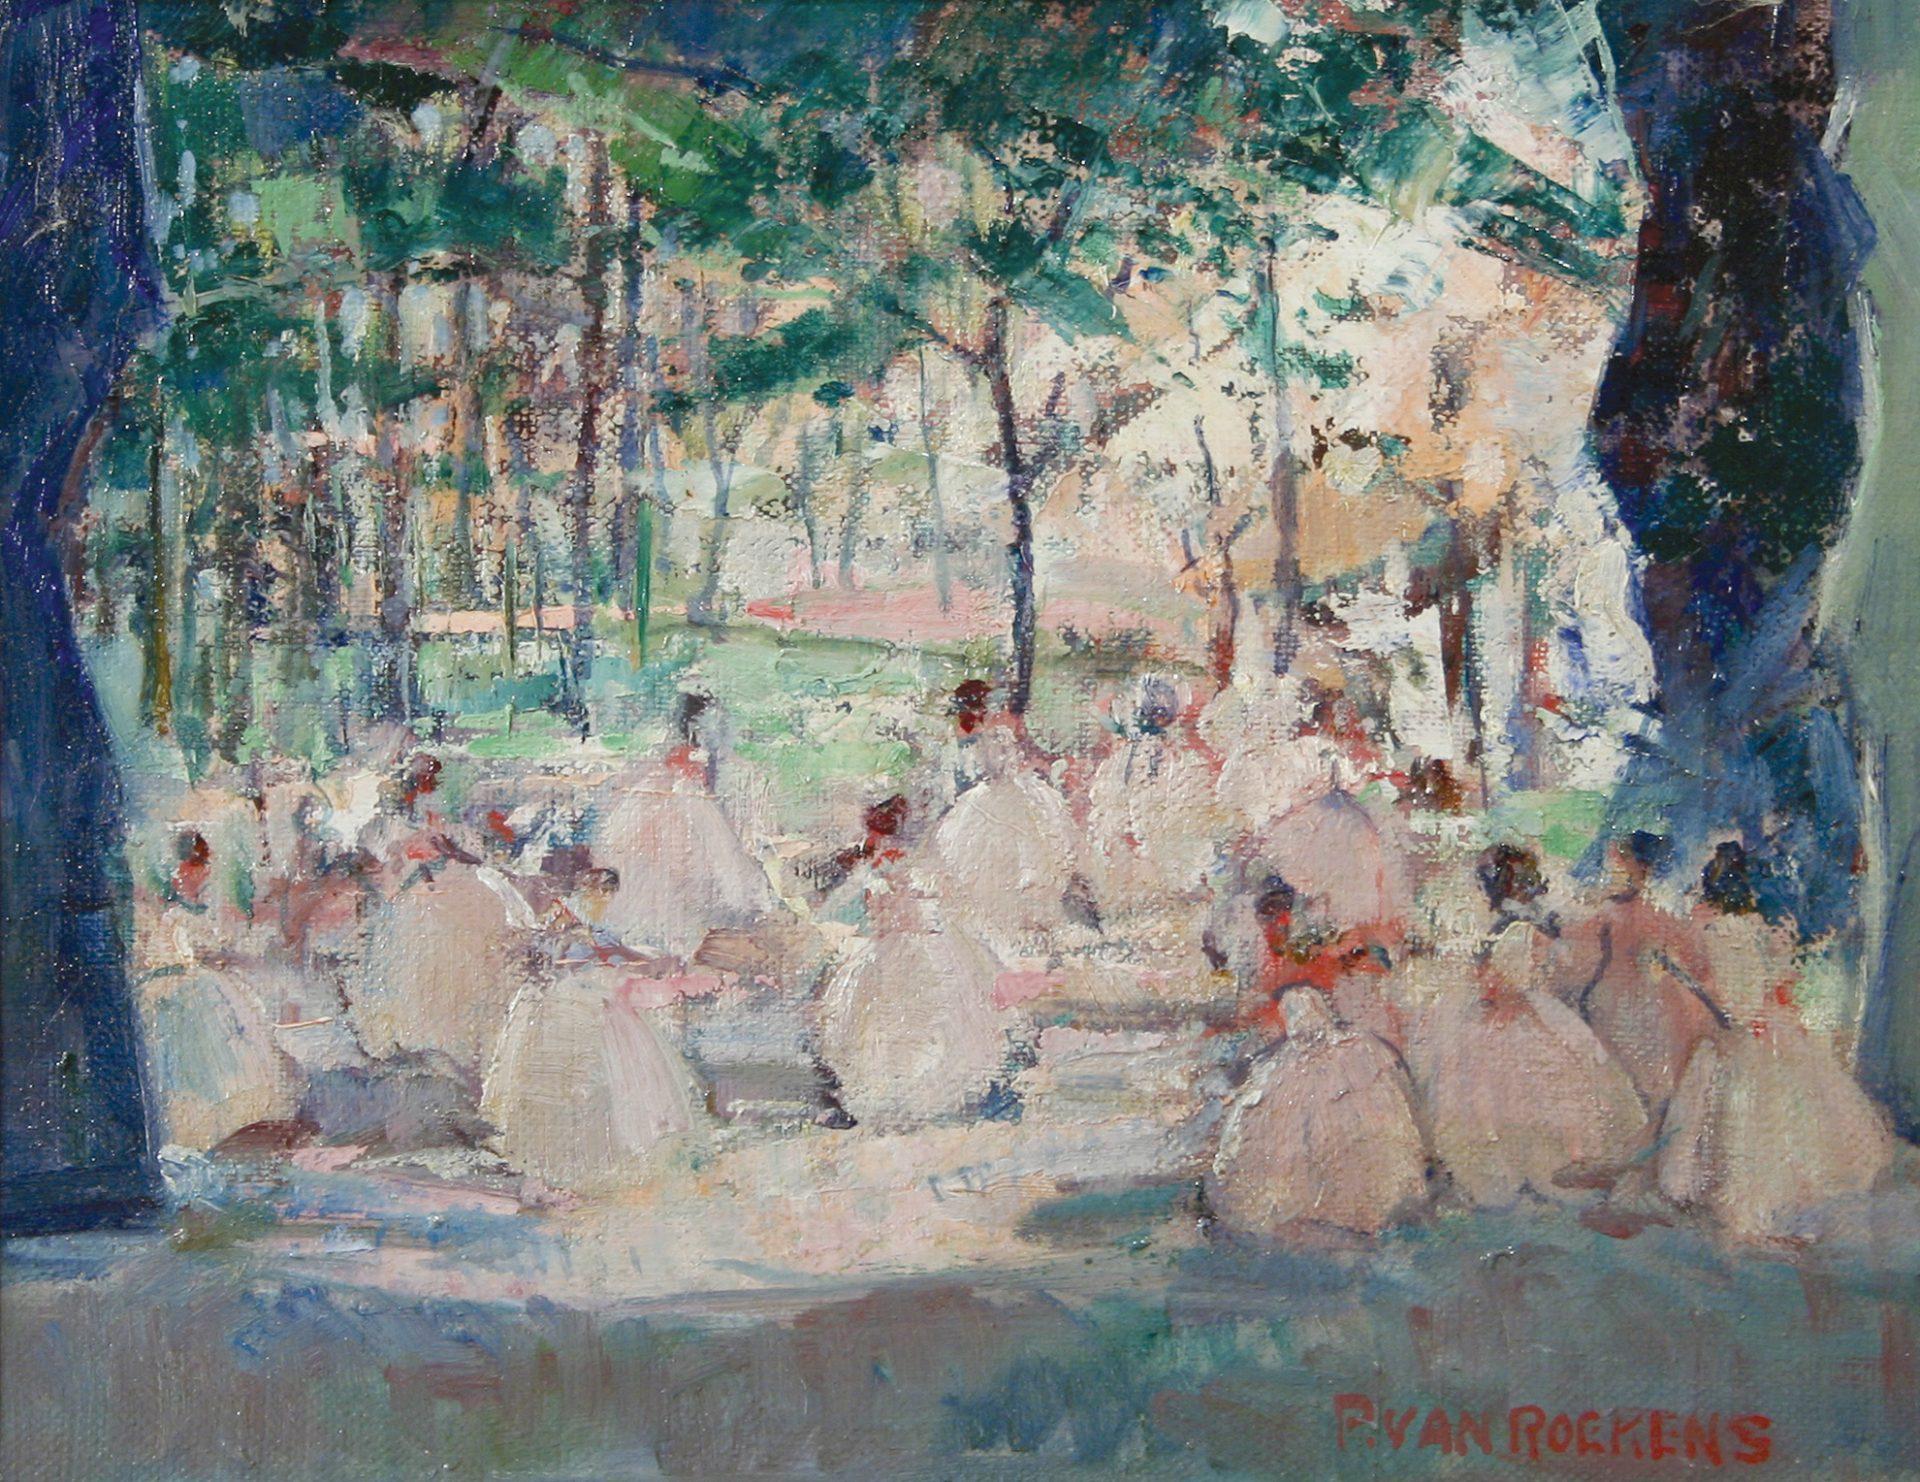 In the Fields (Paulette Van Roekens)